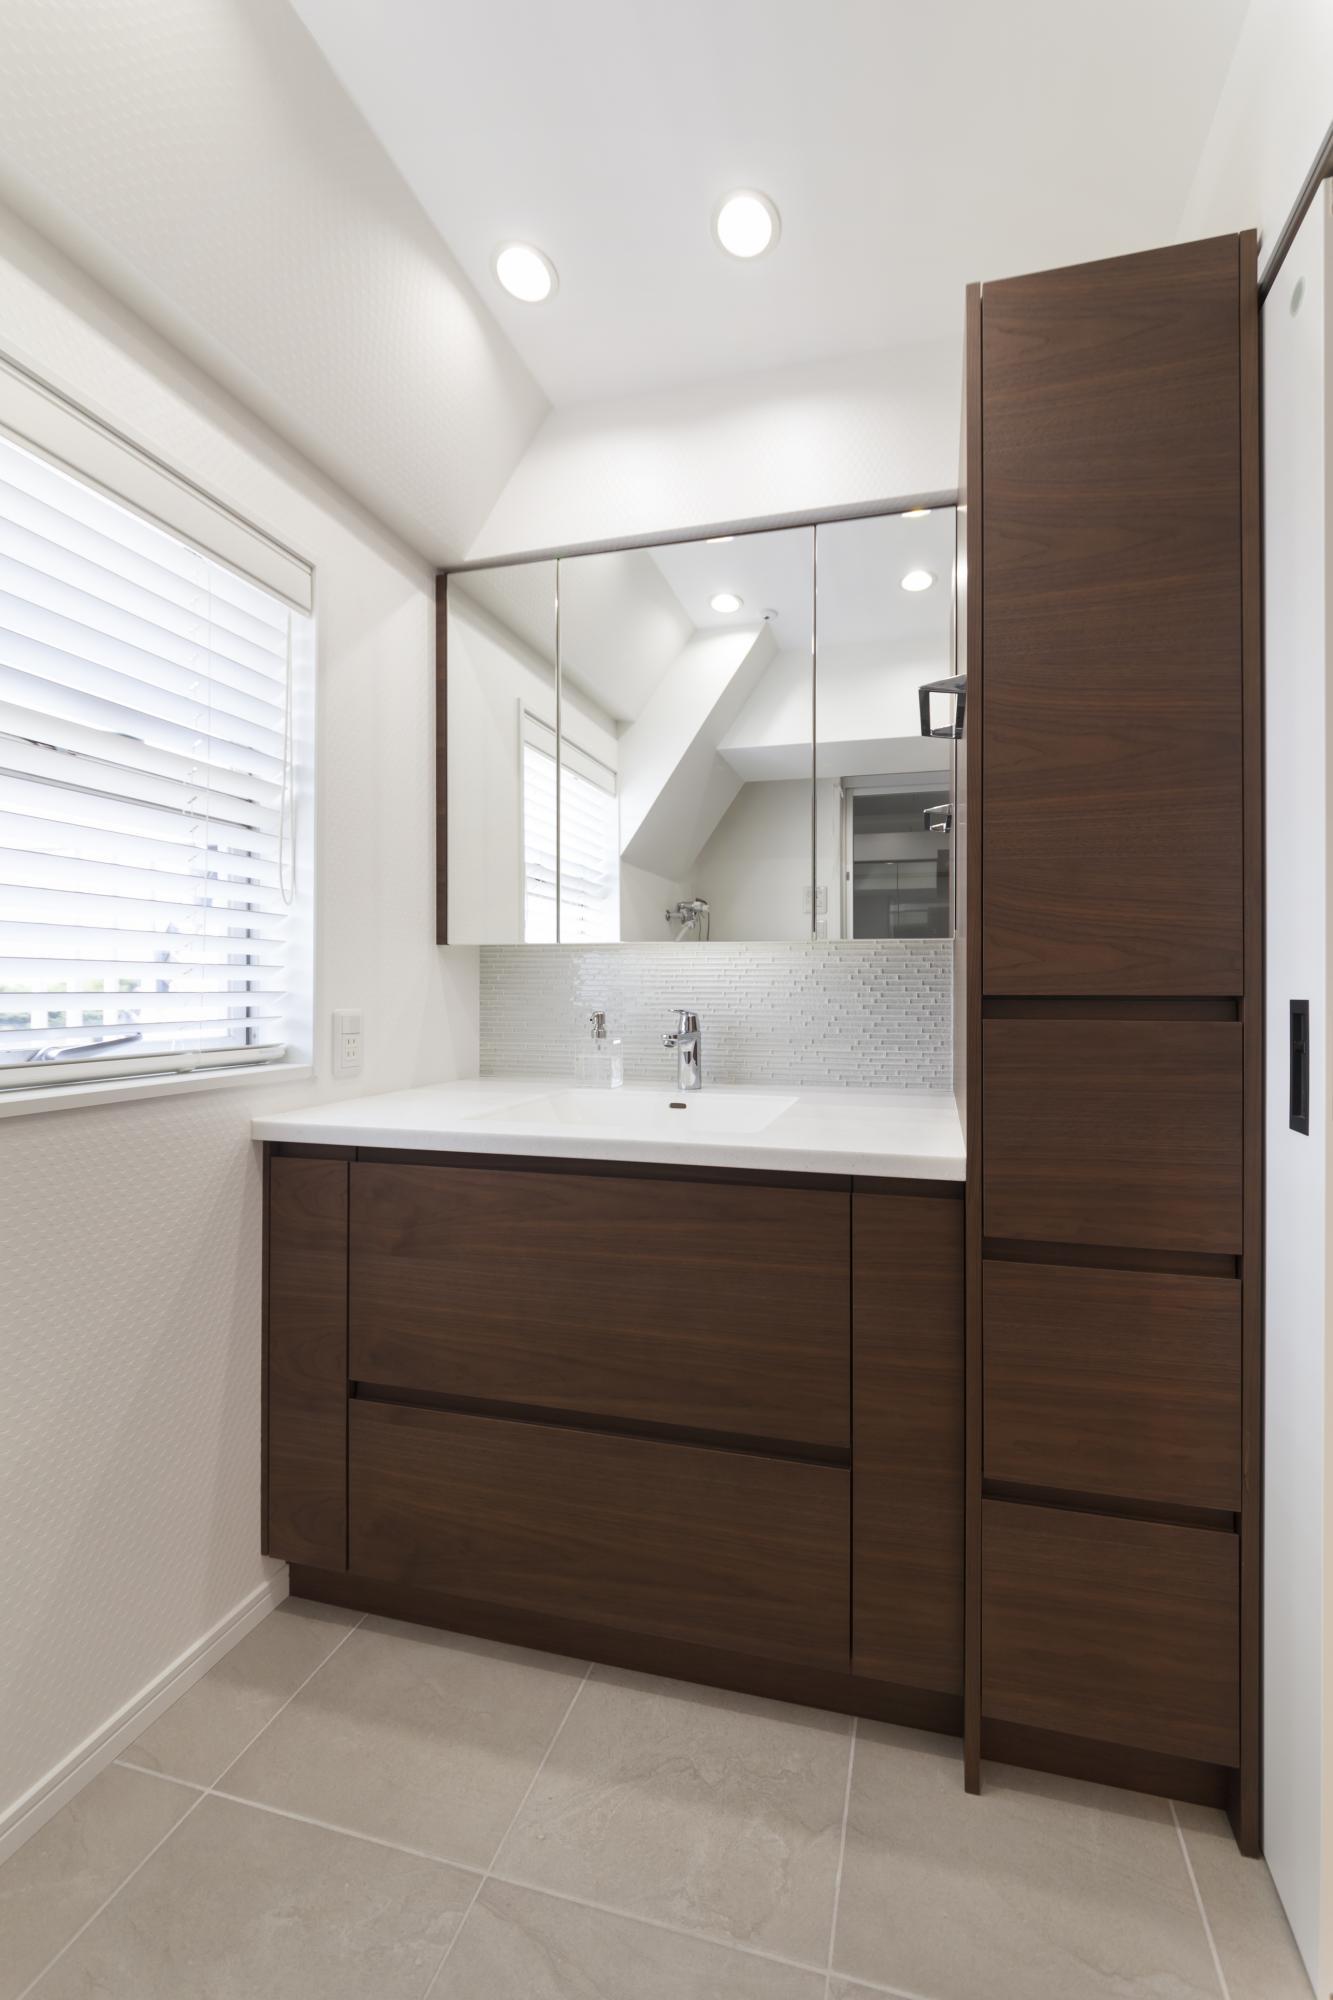 LDKとデザインを統一した洗面室